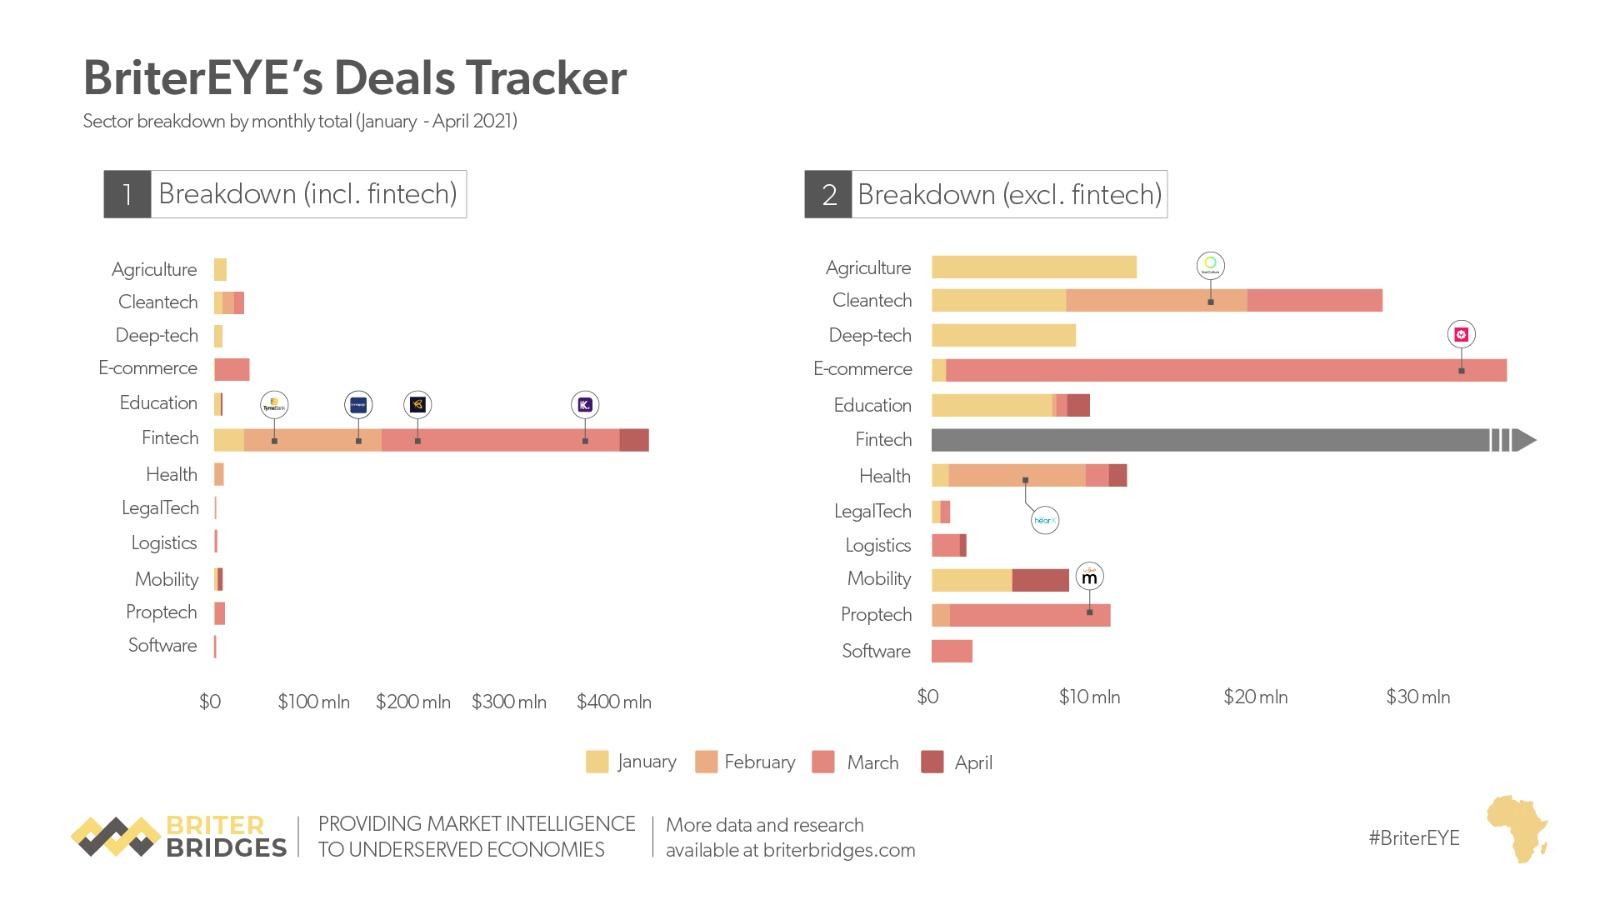 Briter EYE's deal tracker